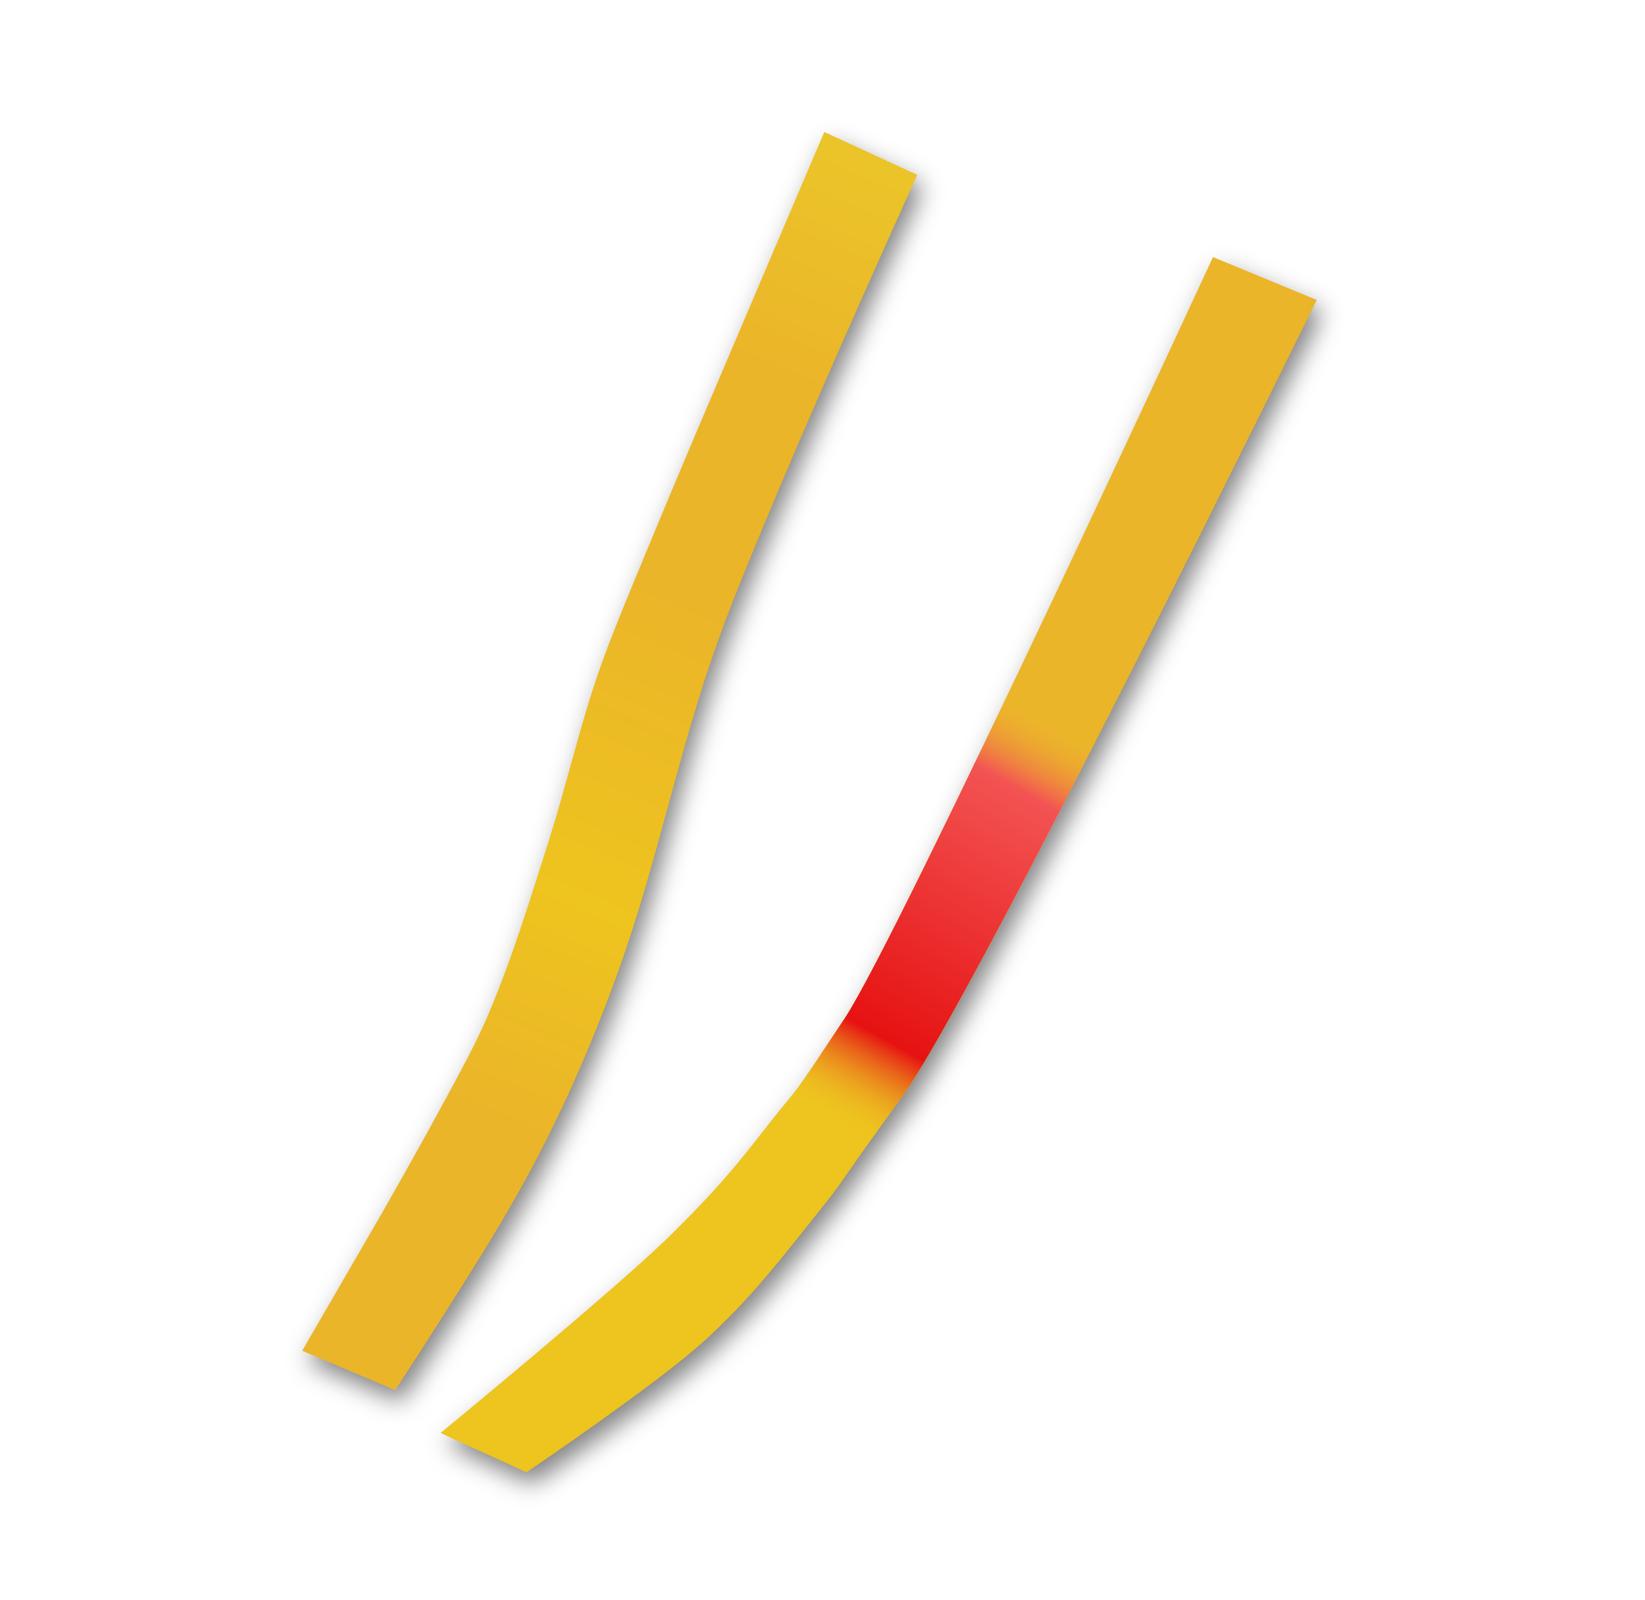 Trzeci element galerii. Przedstawia rysunek dwóch pasków papierków wskaźnikowych. Papierek po lewej stronie, poddany działaniu czystej wody zachował pierwotny, żółty kolor, natomiast papierek po prawej stronie, poddany działaniu kwasu zmienił wmiejscu kontaktu zkwasem kolor na czerwony.